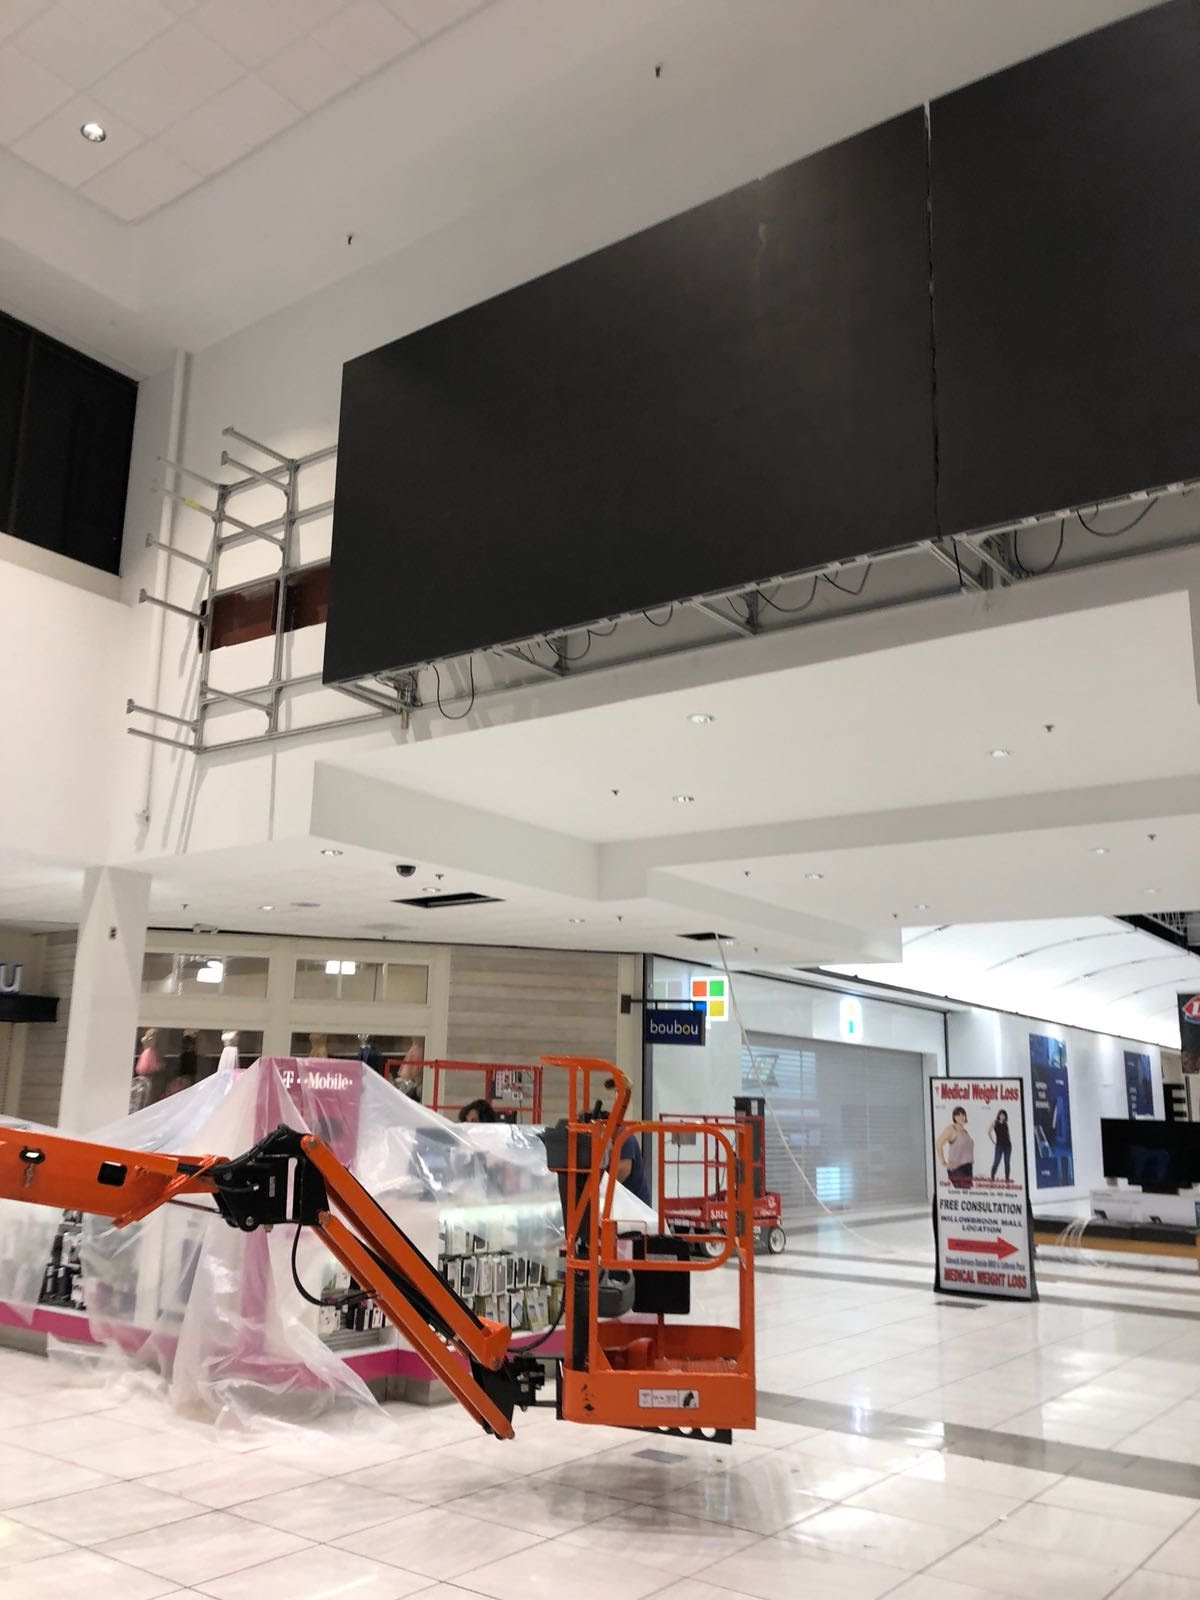 LED Digital Displays